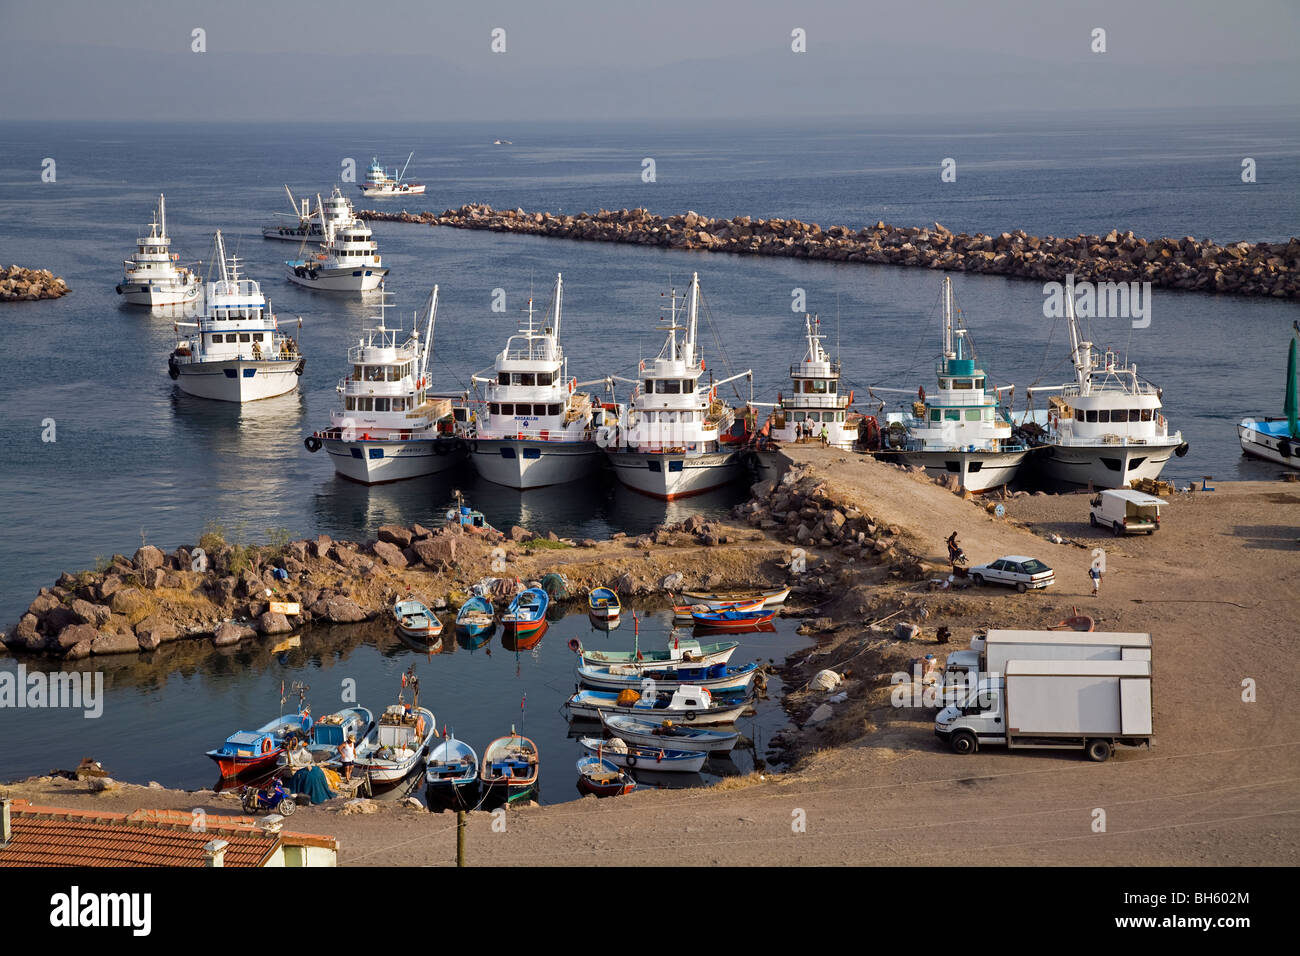 Fishing boats in Babakale harbor, Canakkale Turkey - Stock Image